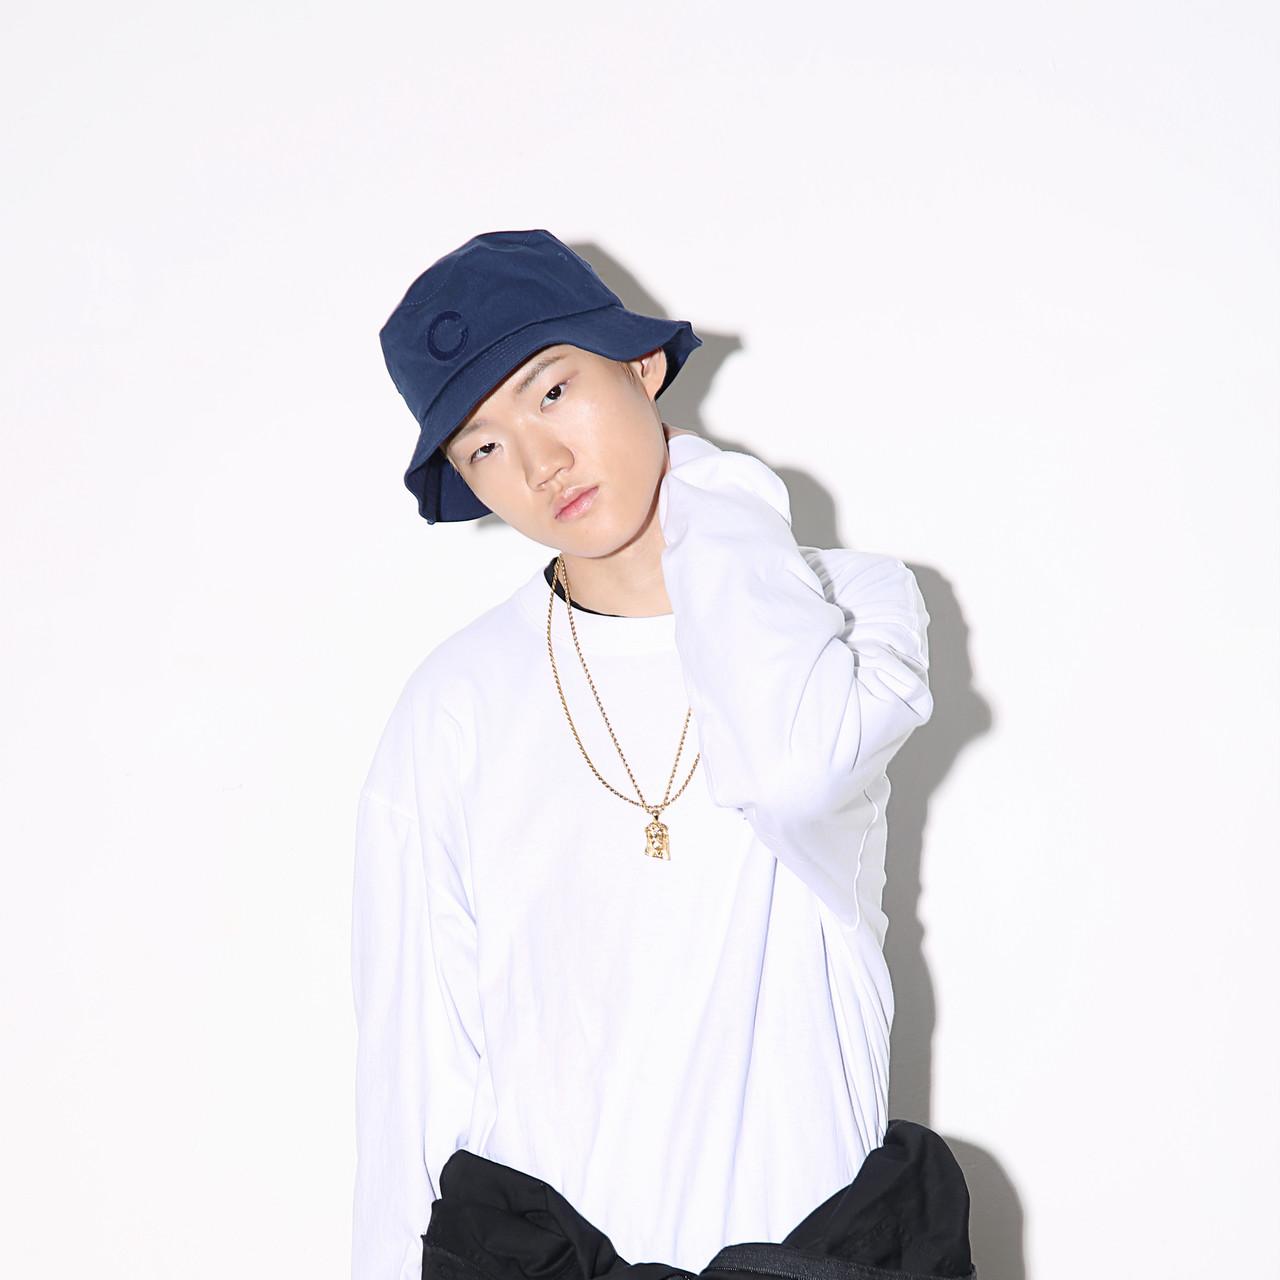 조원우 ㅣ Jowonu